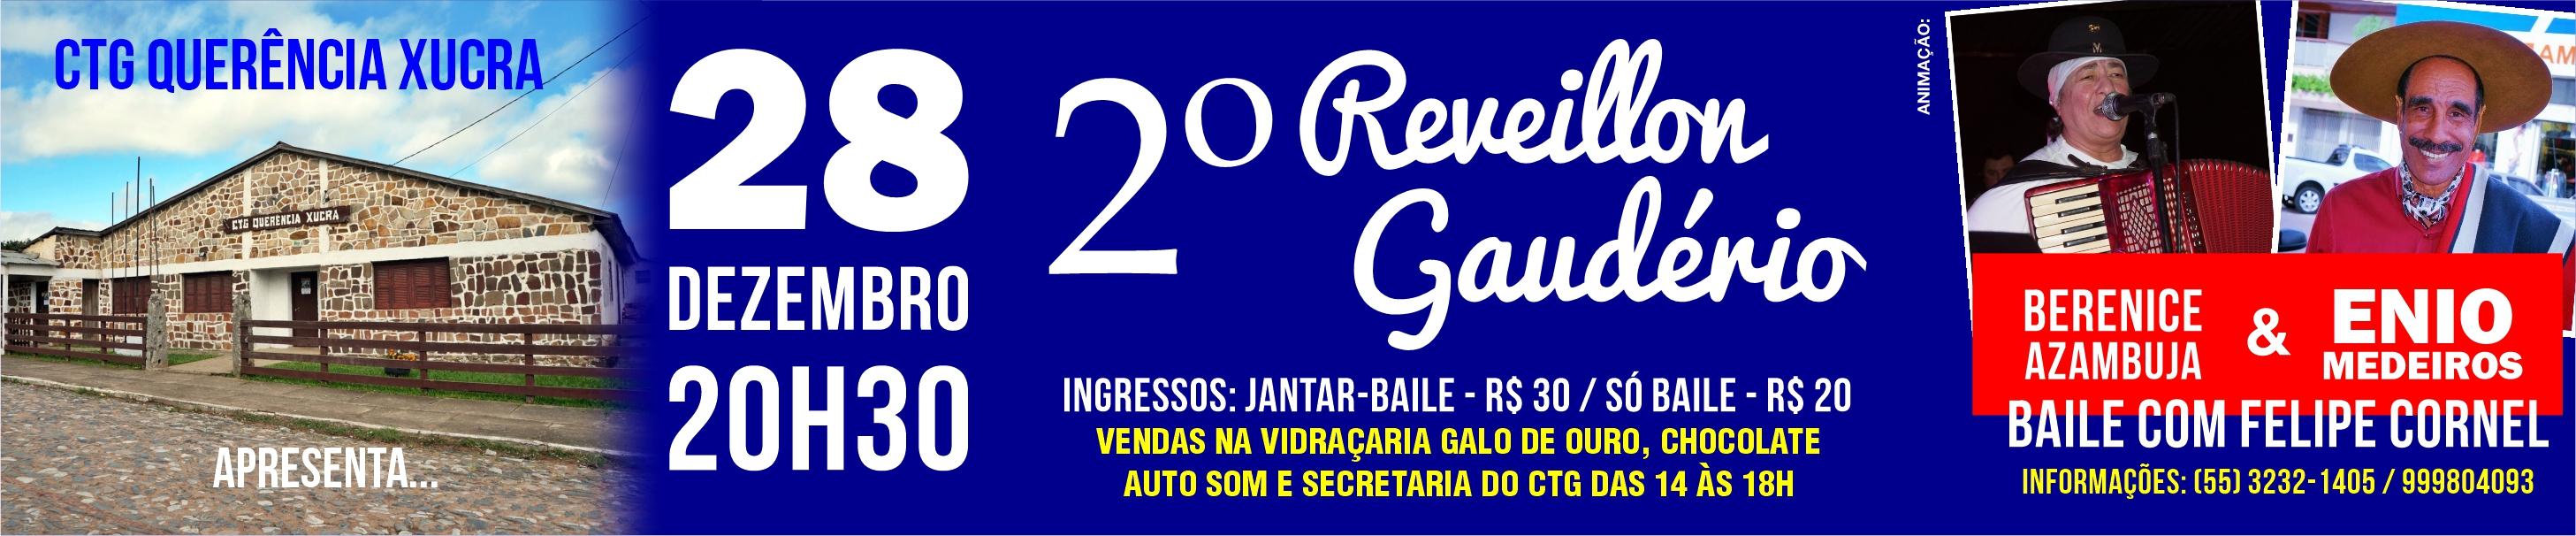 28-12 2º Reveillon Gaudério - CTG Querência Xucra